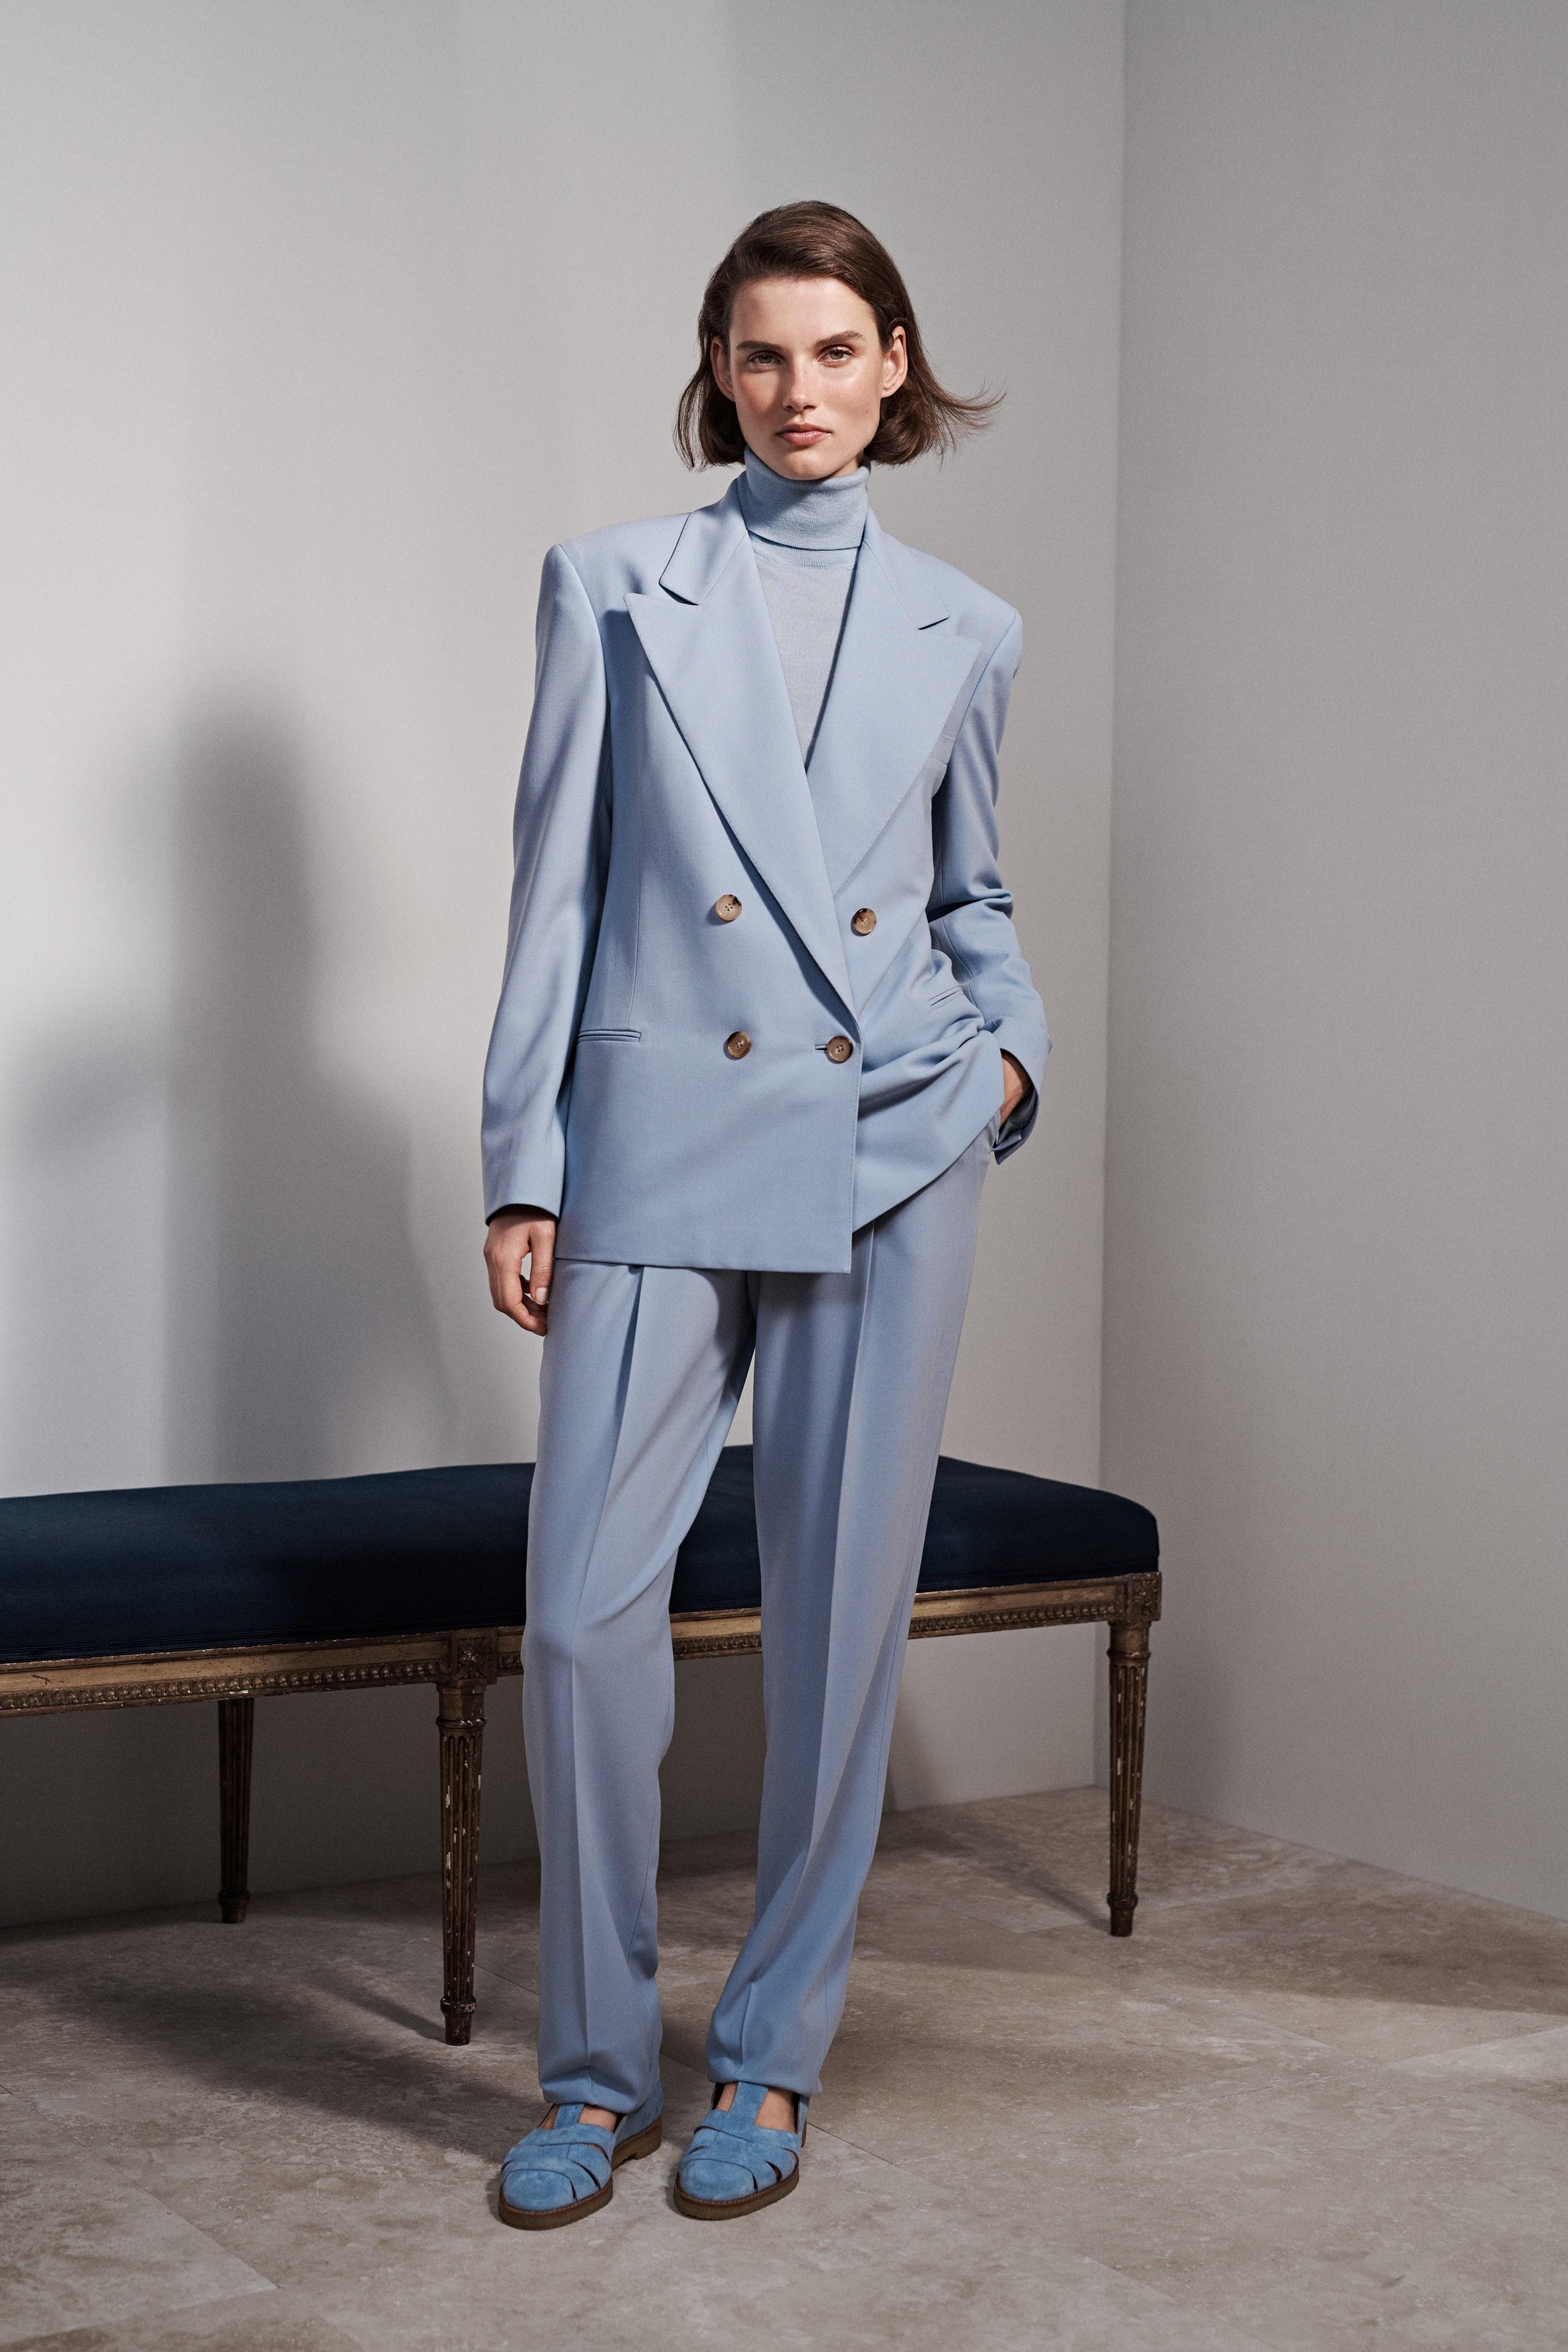 00003-Ralph-Lauren-Vogue-Resort-2019-pr